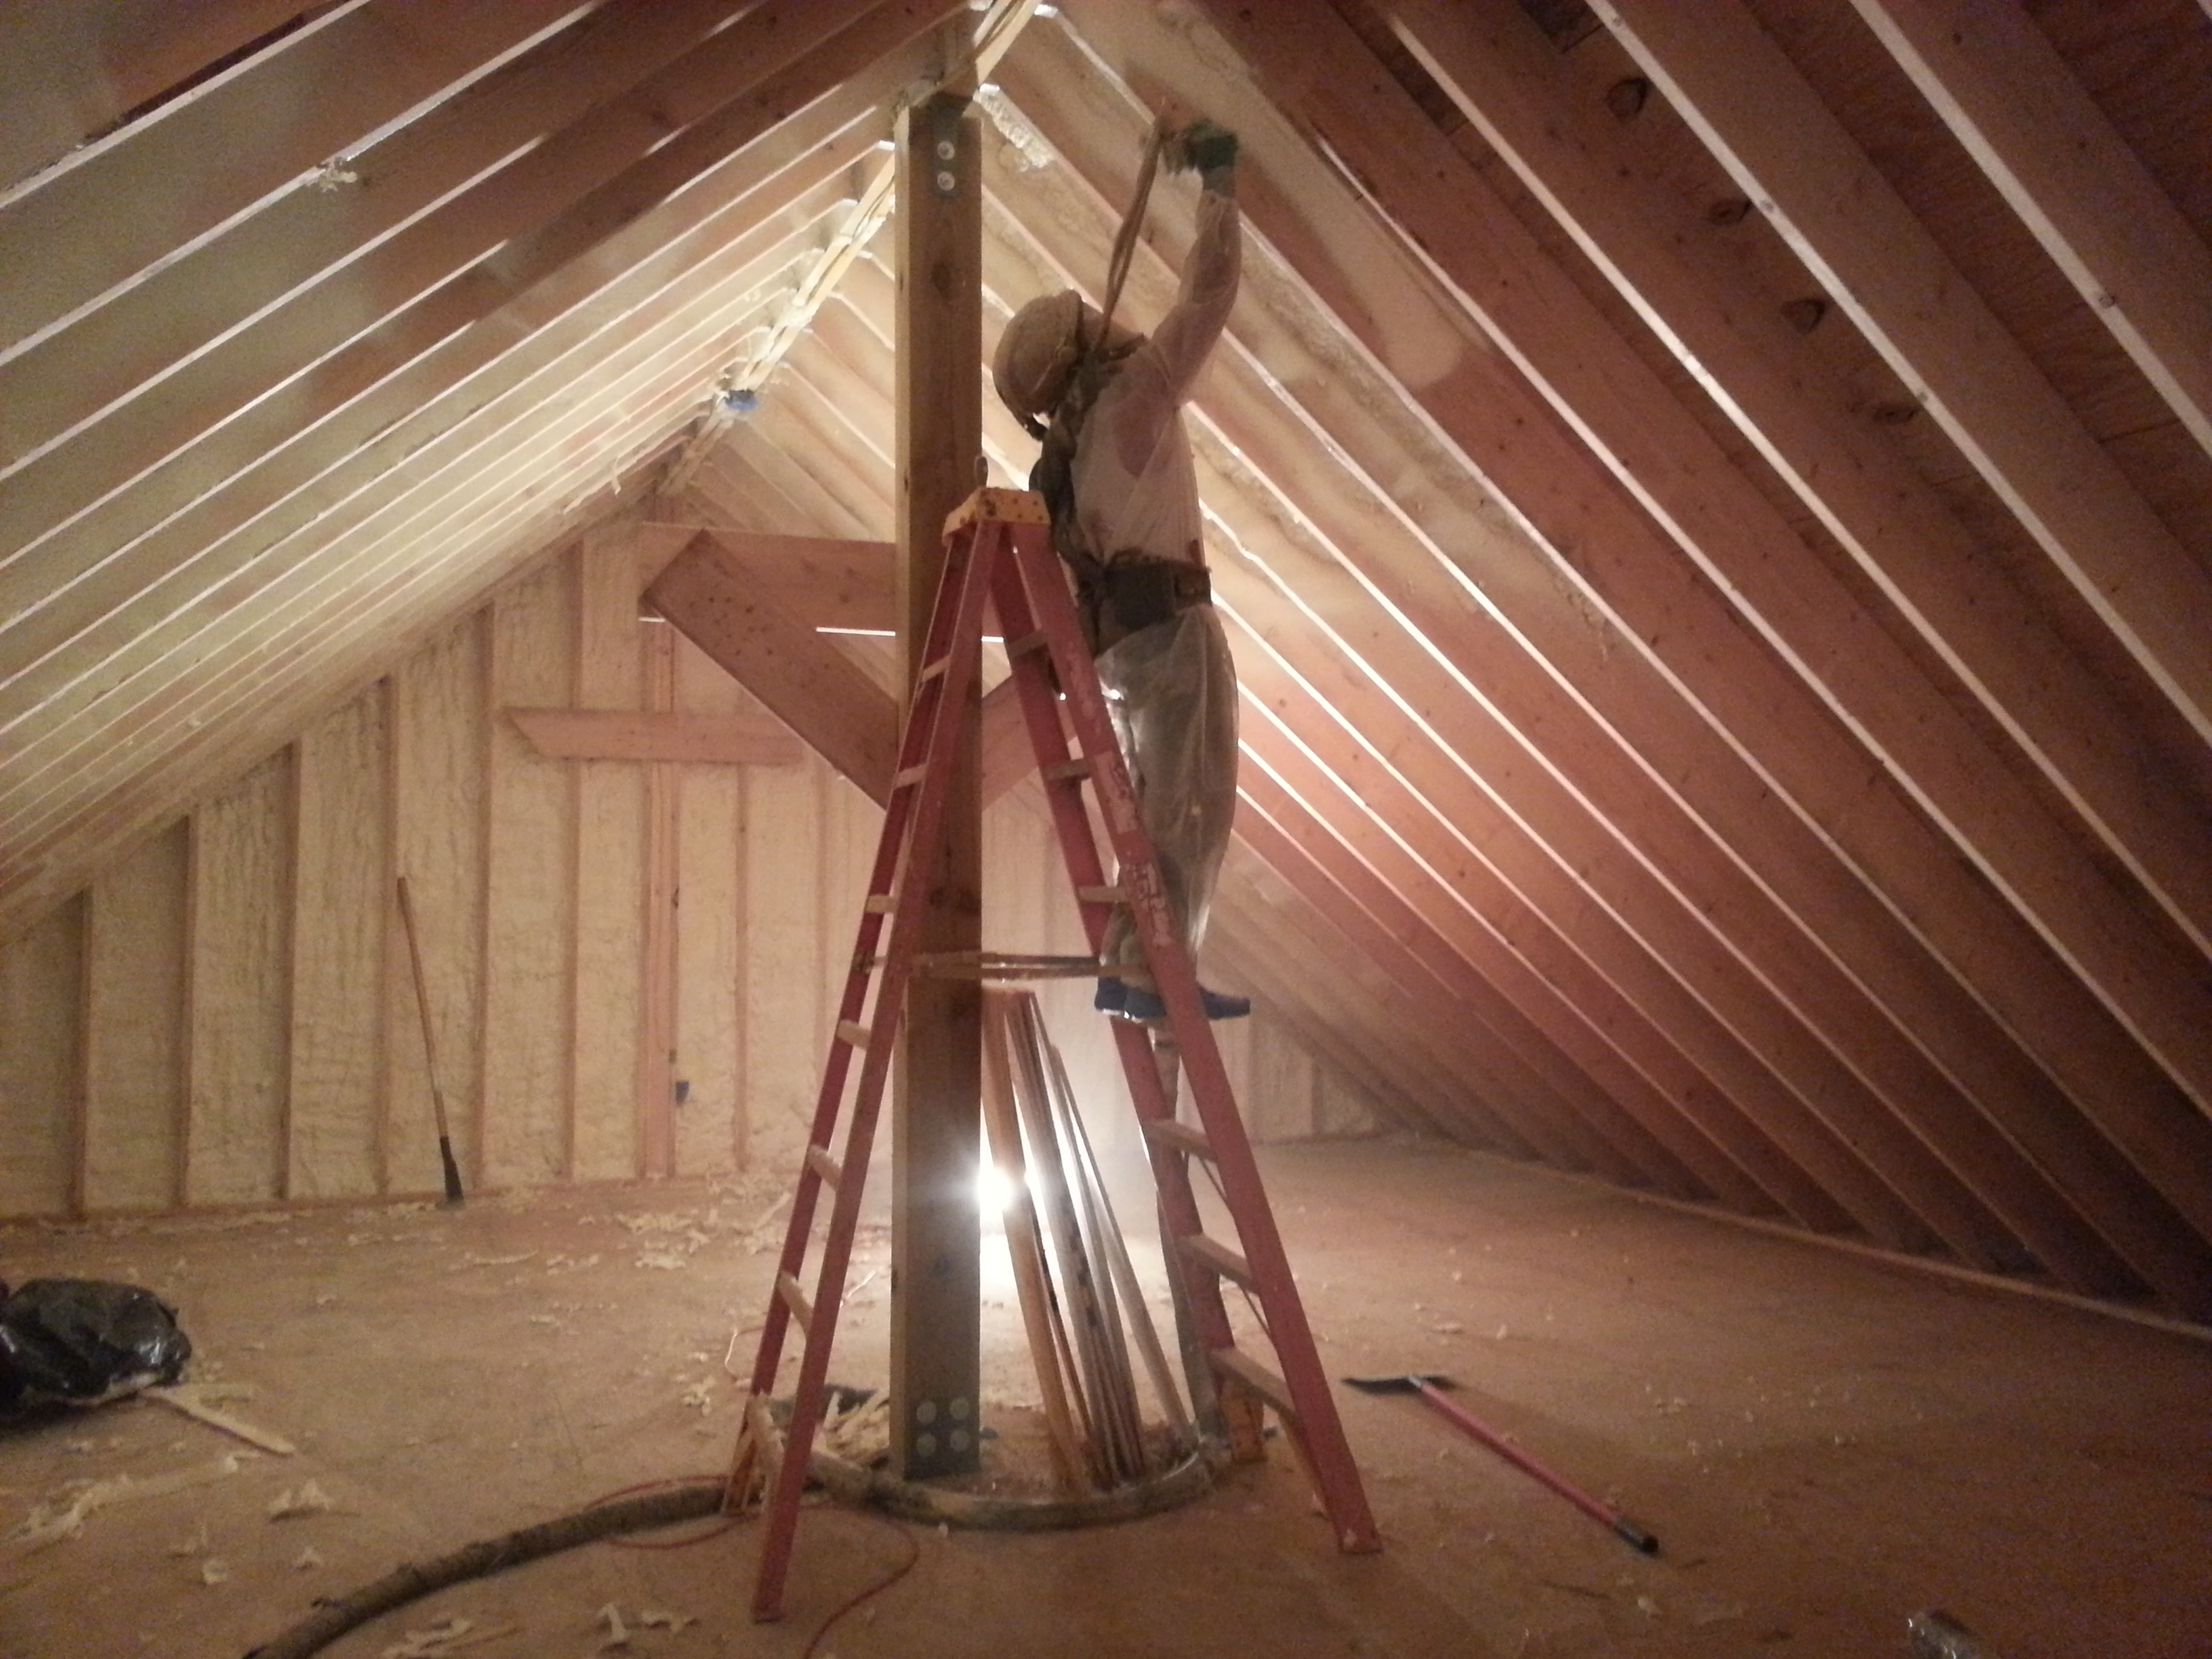 Residential Foam Insulation - WRI Applications, LLC